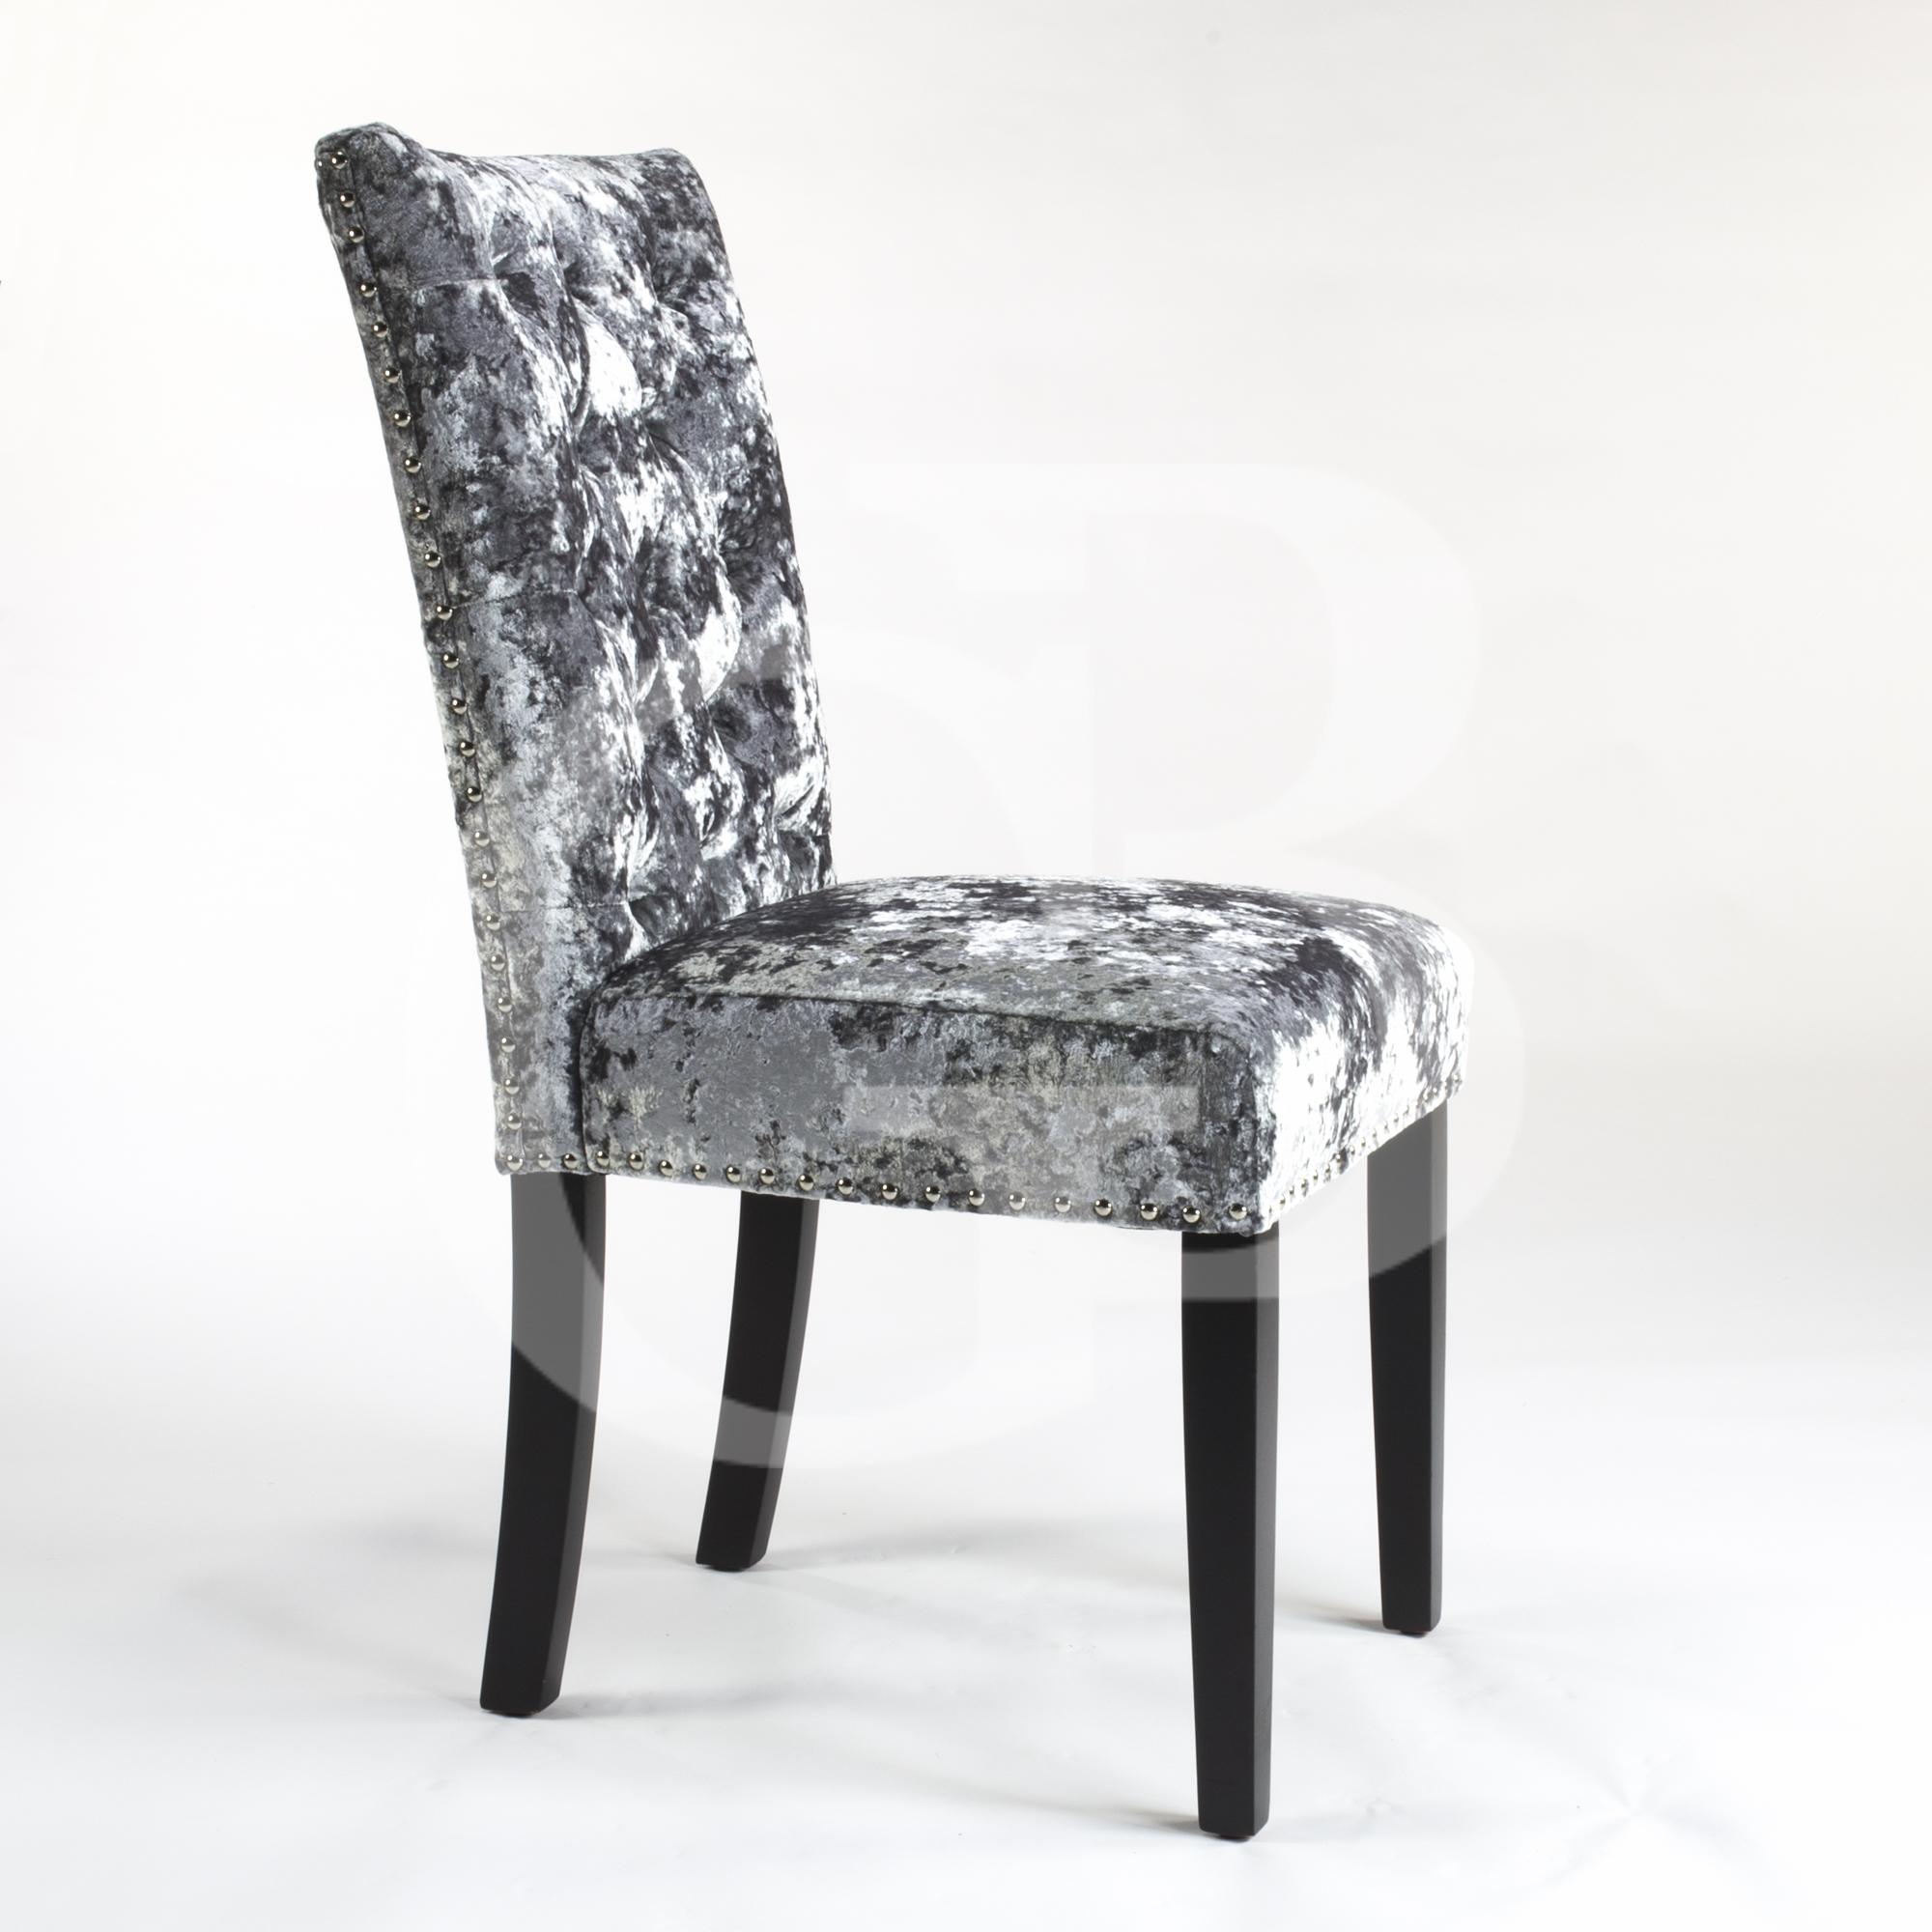 upholstered premium grey crushed velvet dining chairs egb76 pg ebay